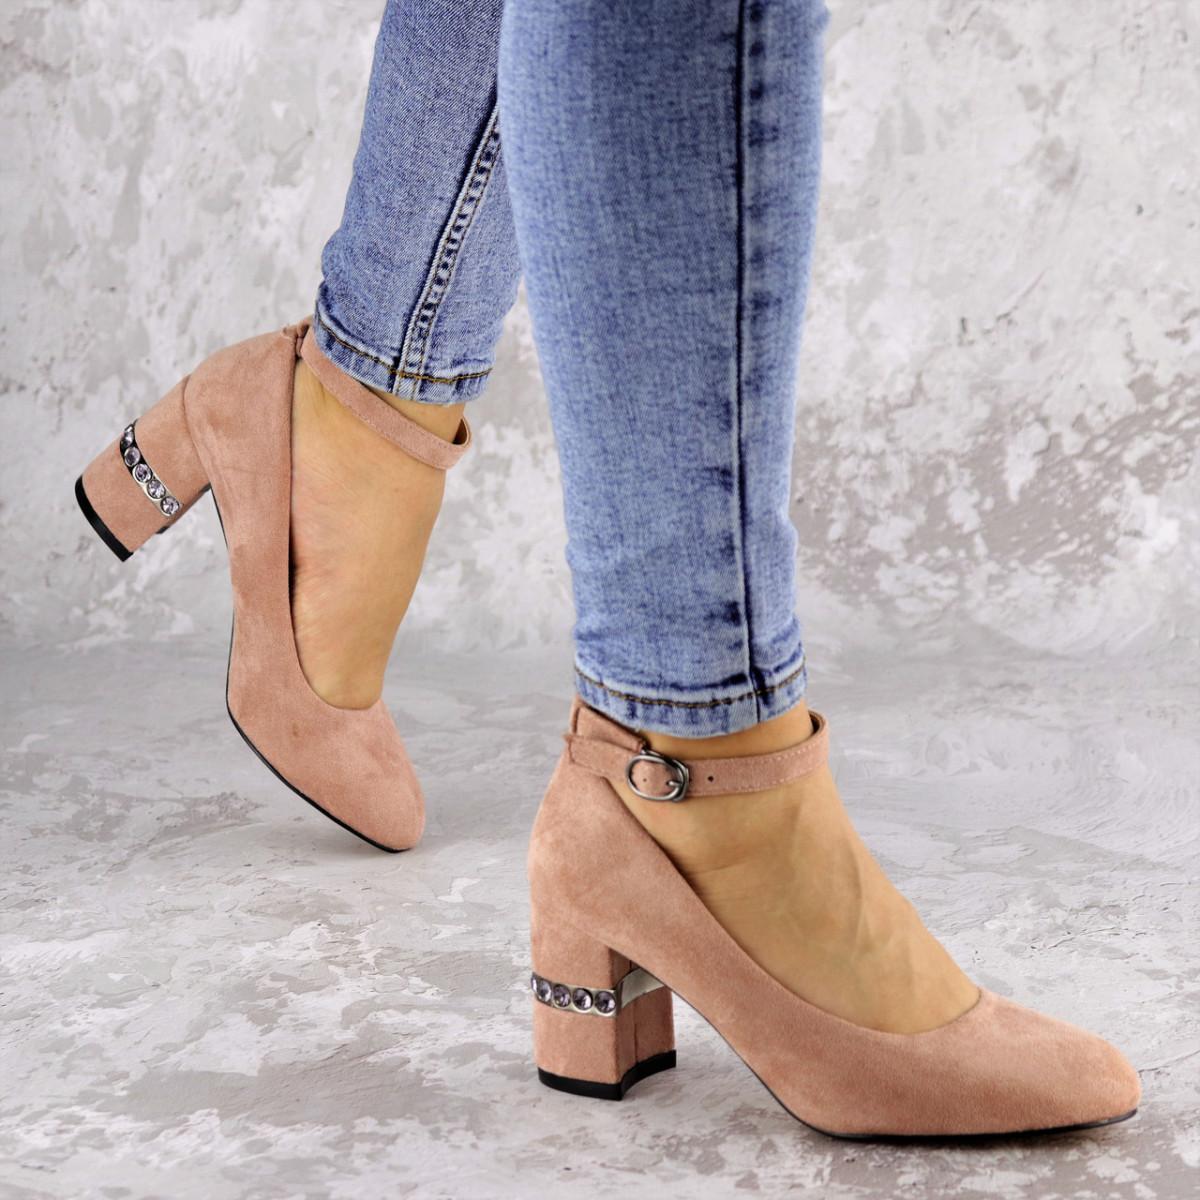 Жіночі туфлі на підборах Fashion Bruno 2183 36 розмір, 23,5 см Пудра